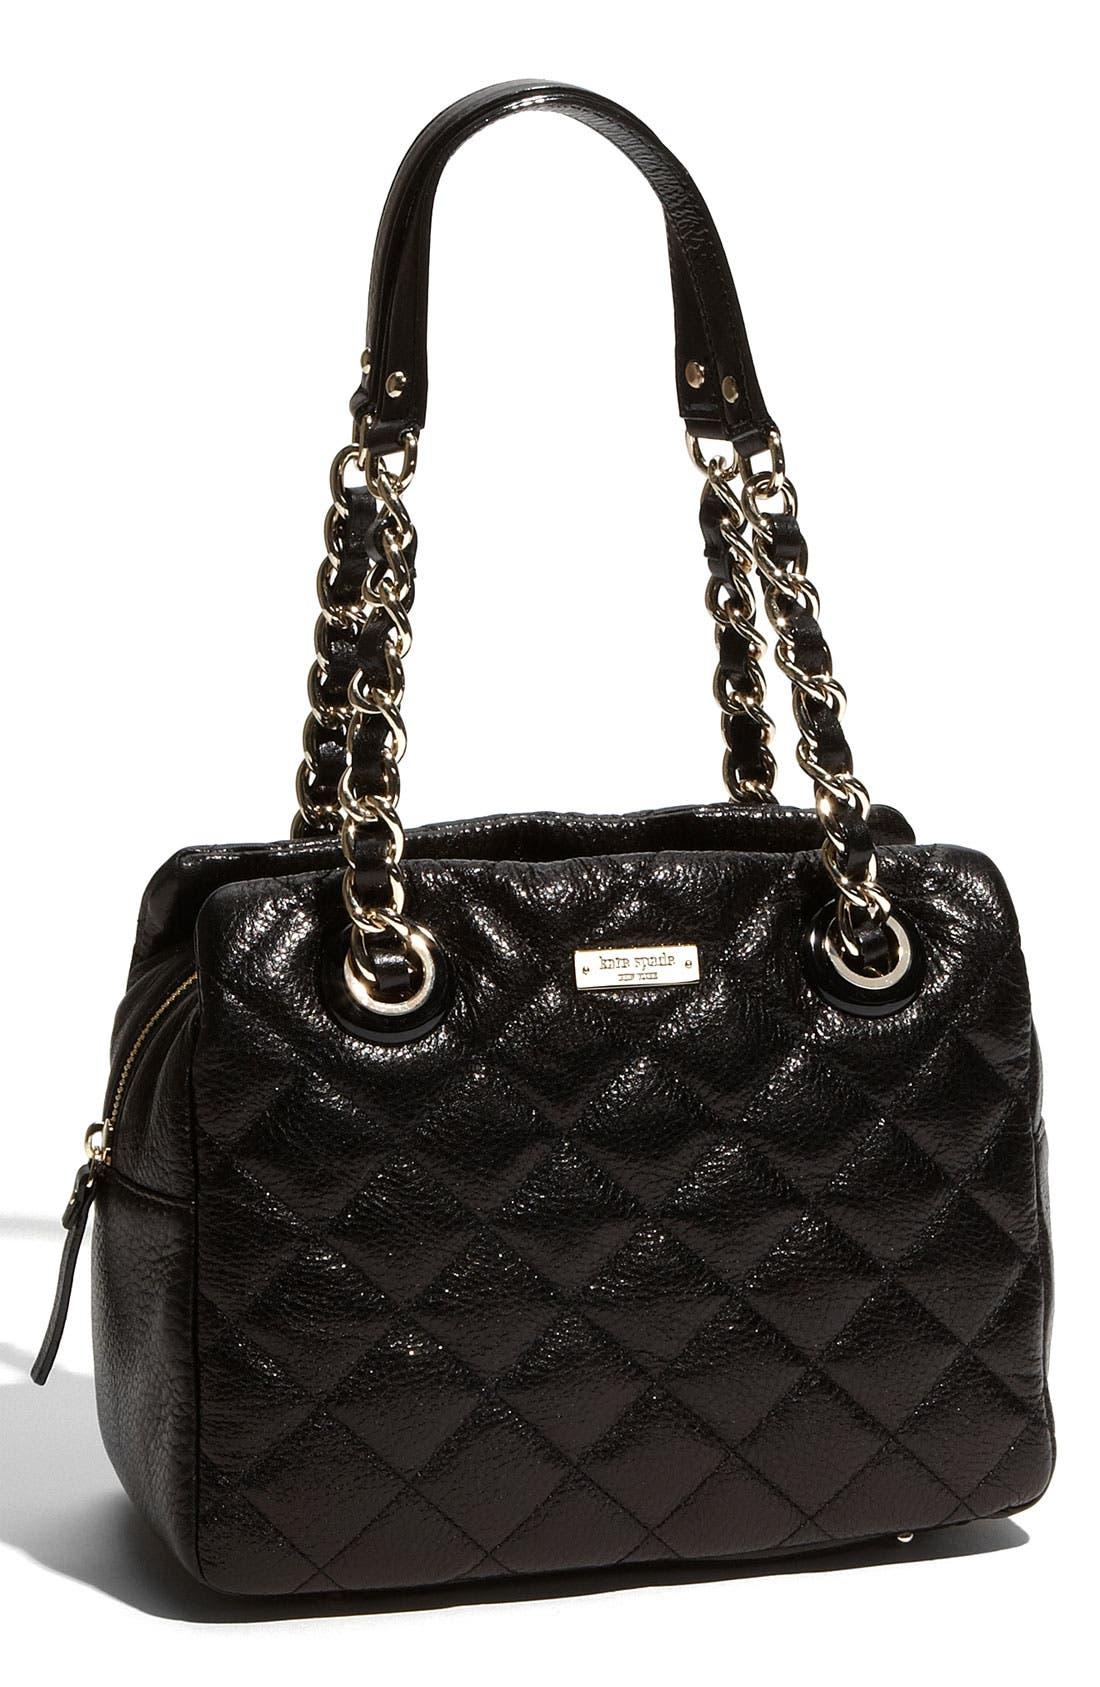 Alternate Image 1 Selected - kate spade new york 'gold coast - elizabeth' quilted leather shoulder bag